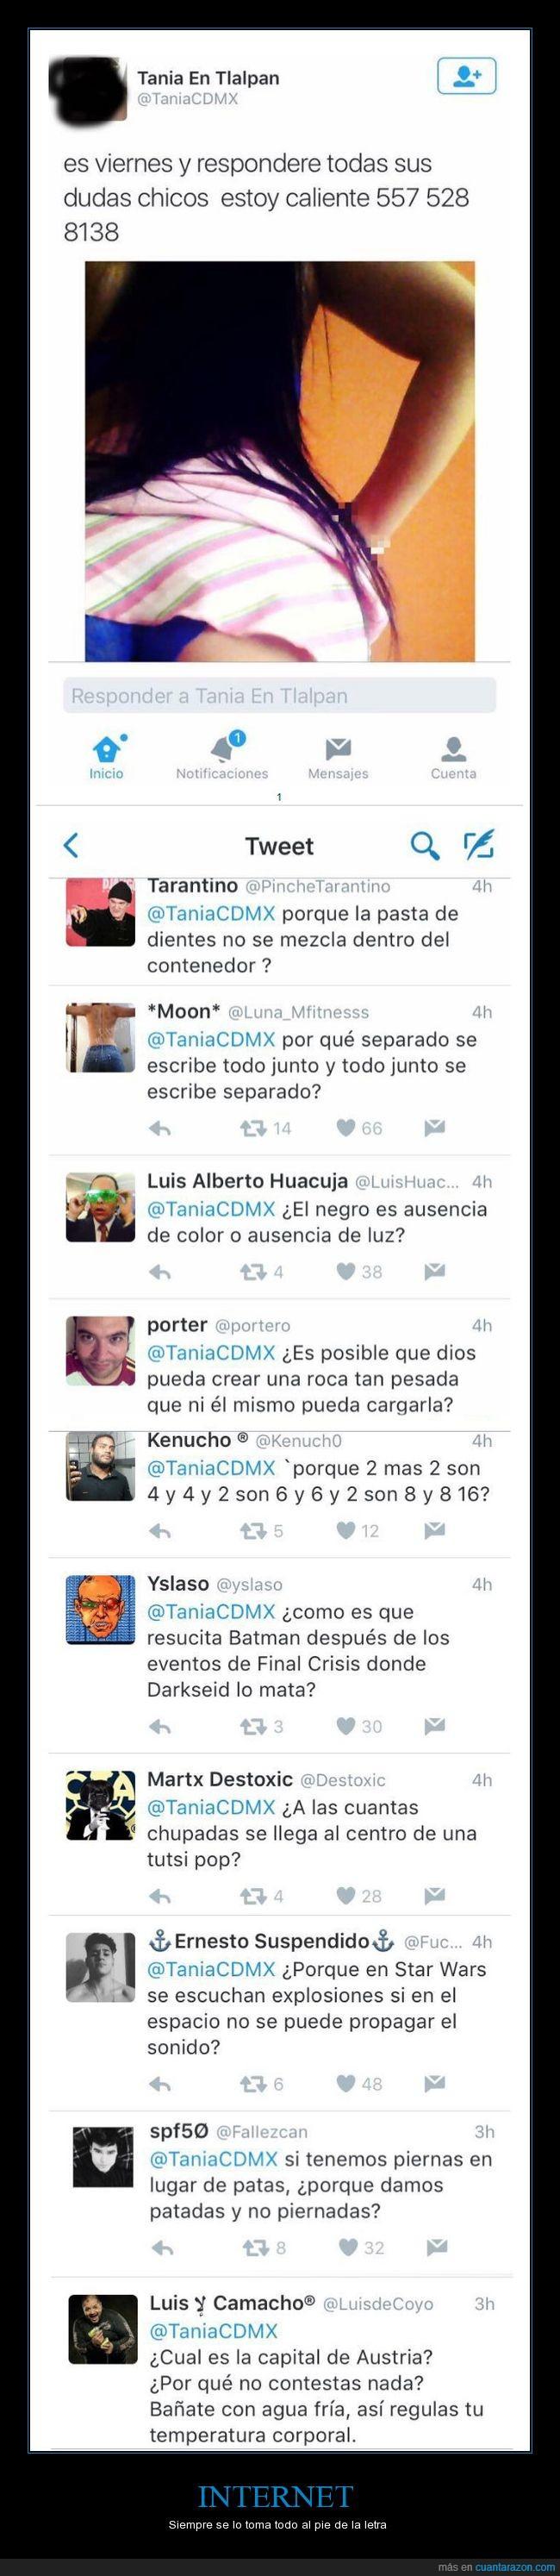 dudas,personas,Tania,twitter